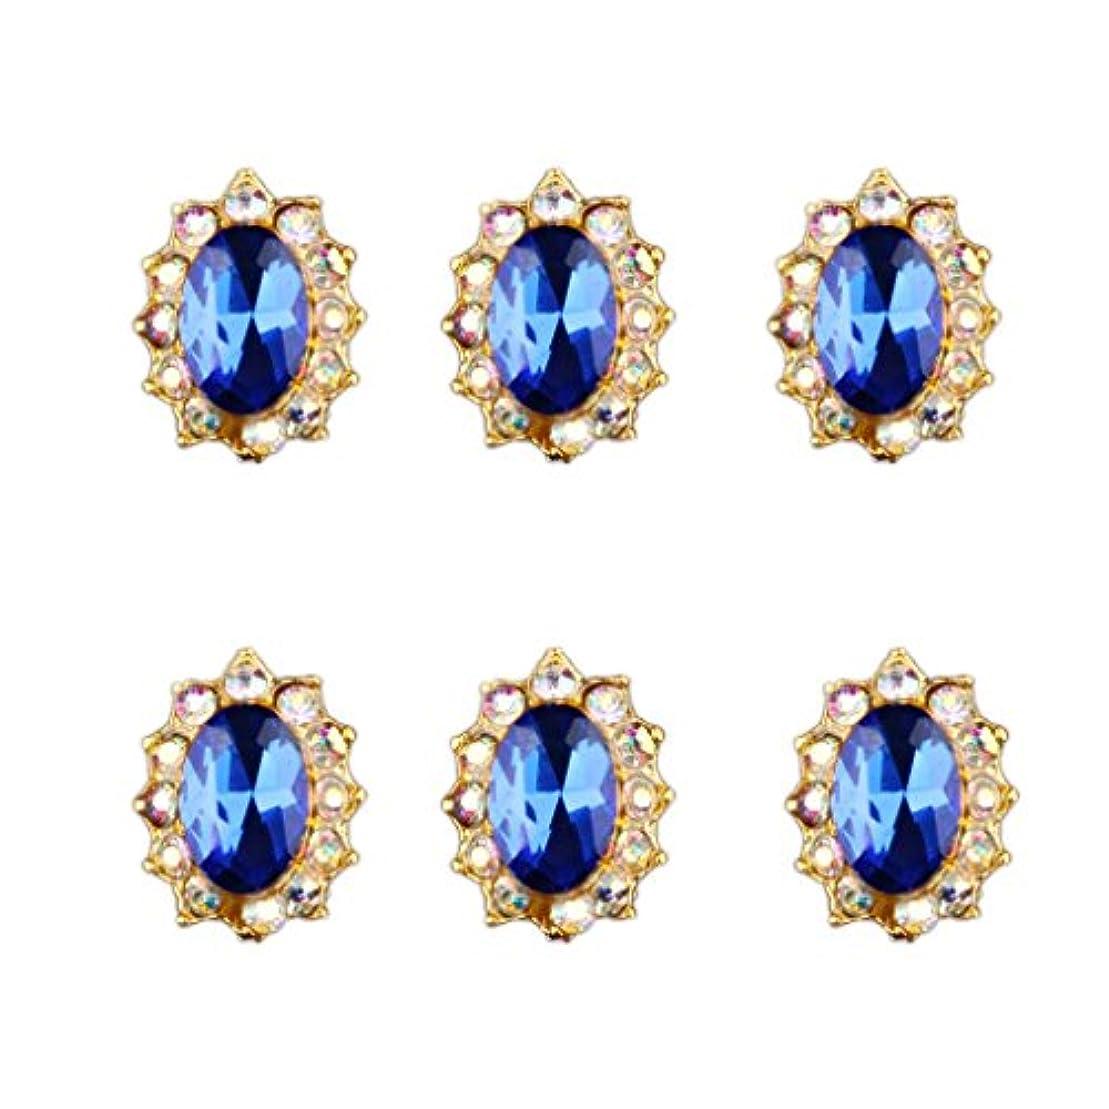 位置づける起訴する救いPerfk 10ピース キラキラ ネイル アート デコレーション ラインストーン チャーム ジュエリー 宝石 電話ケース対応 3Dヒントツール きれい 全10種類 - 3